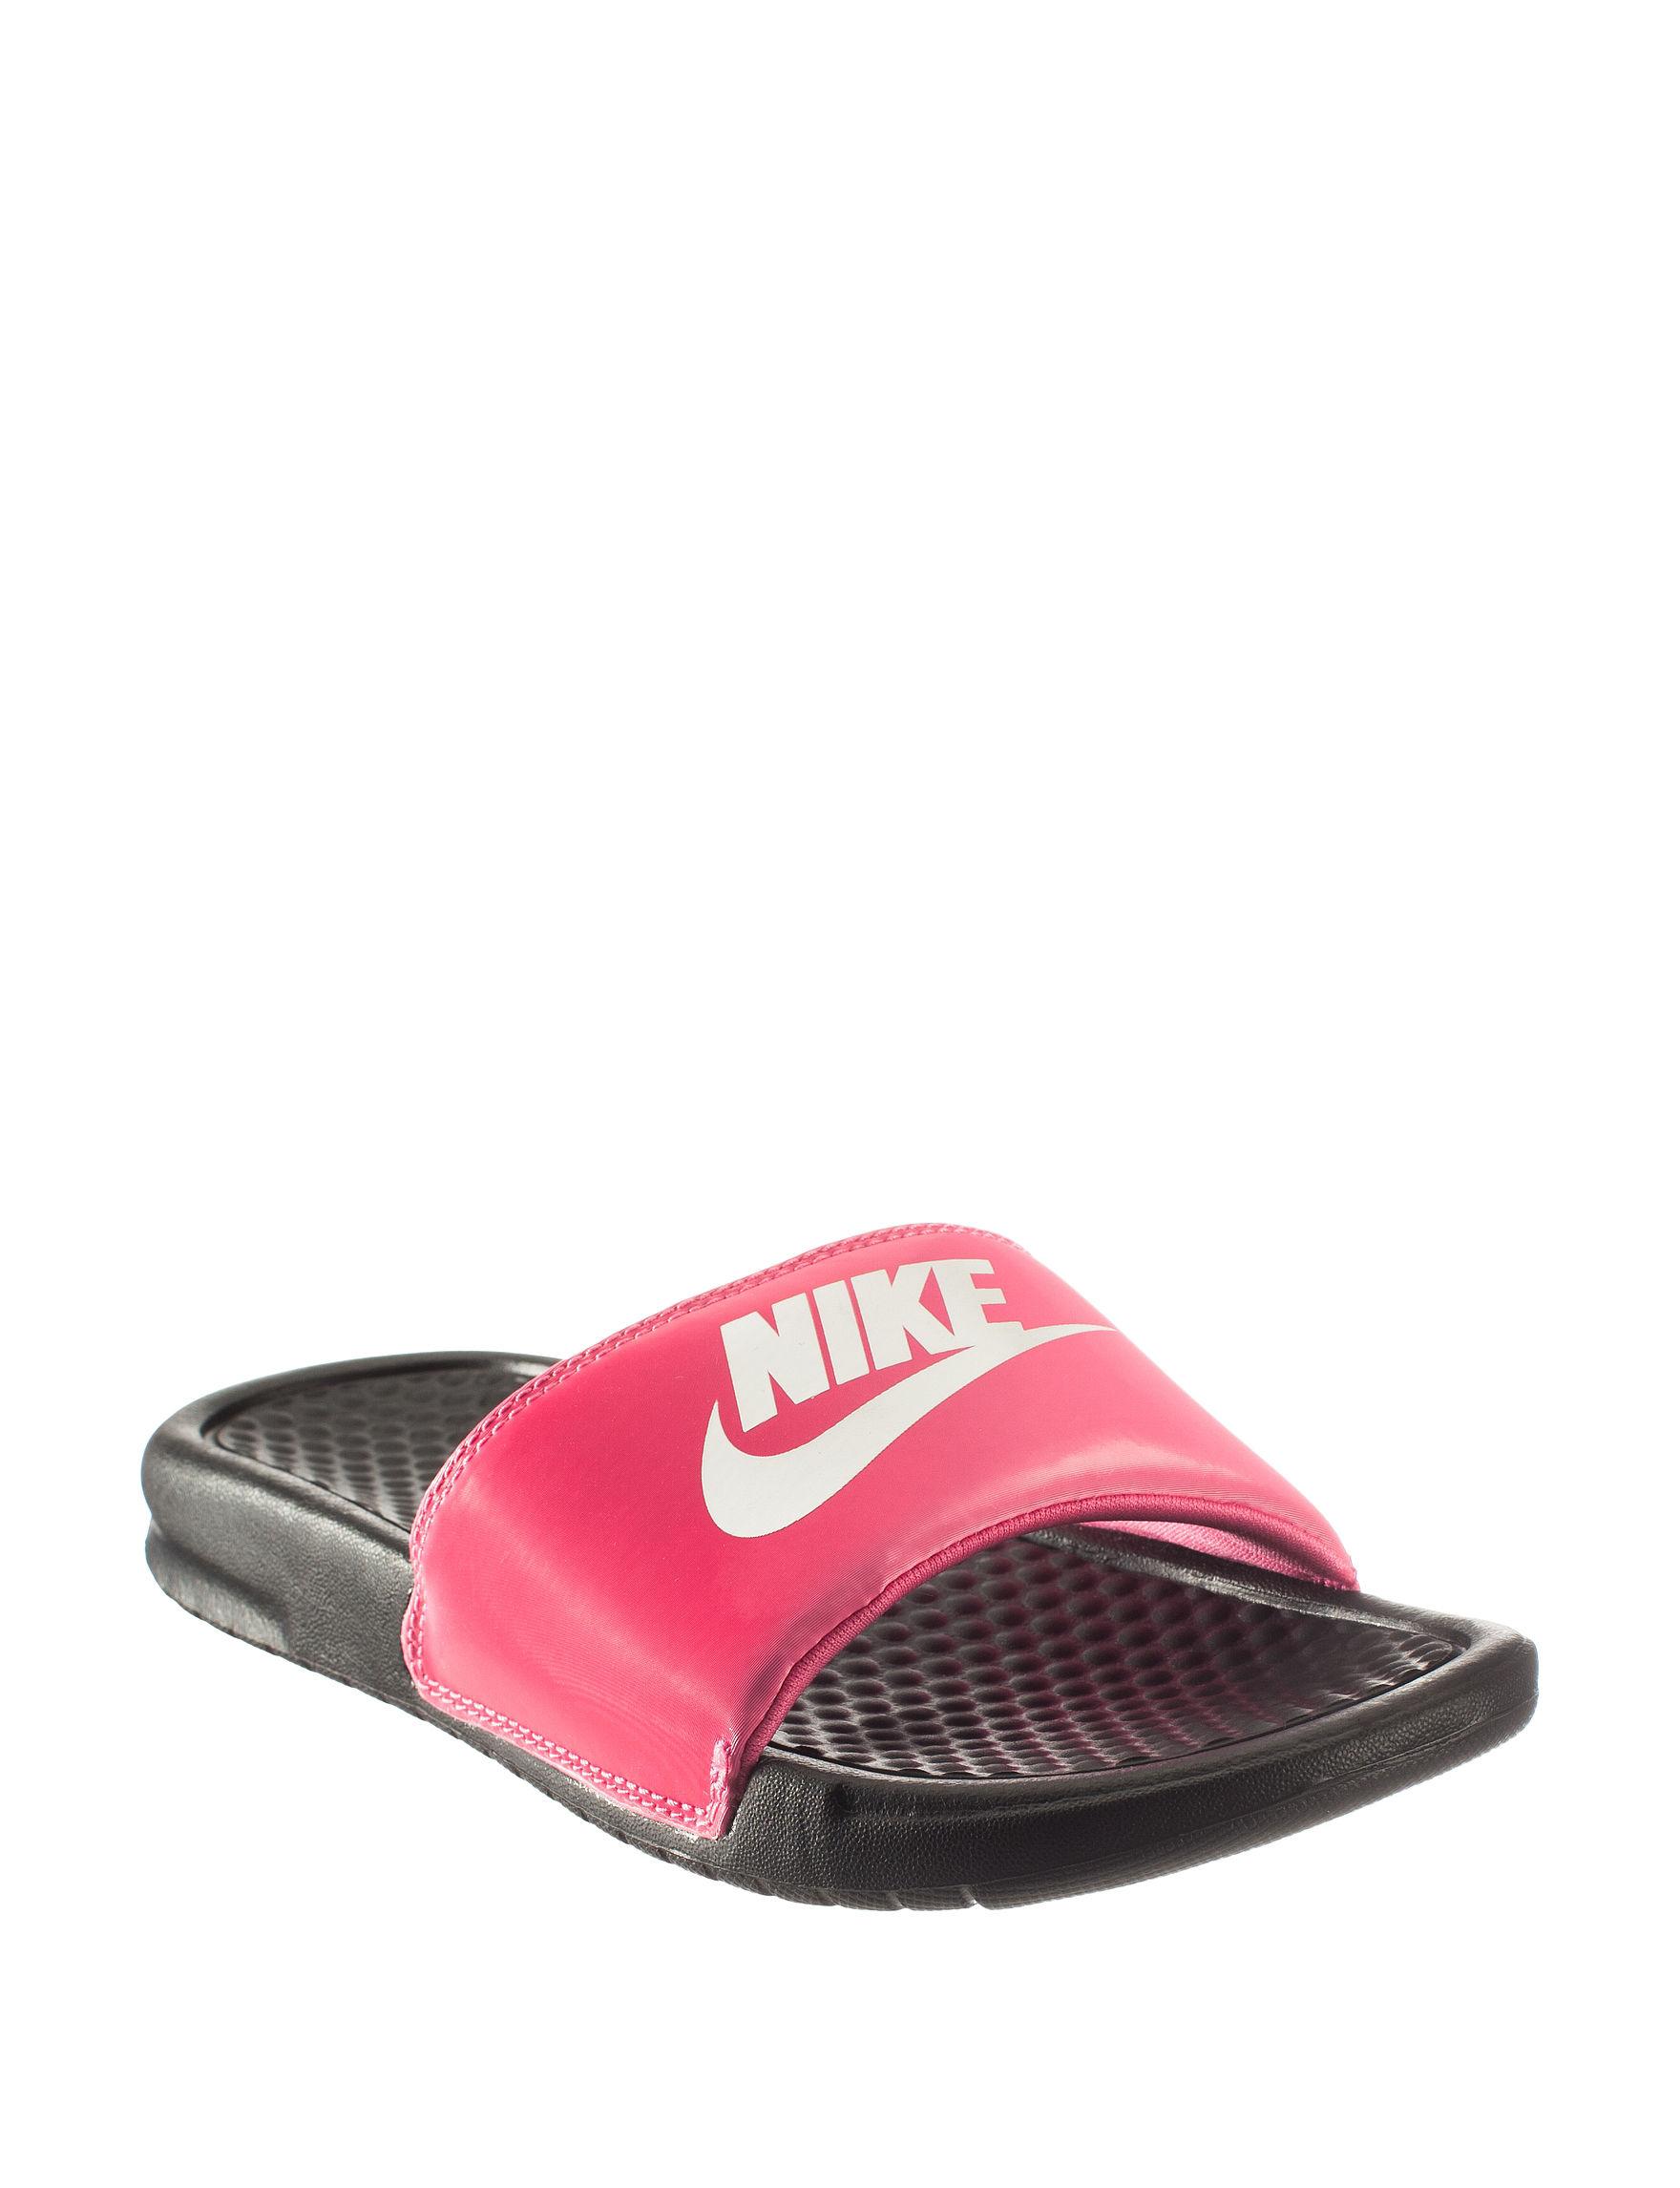 Nike Pink / White / Black